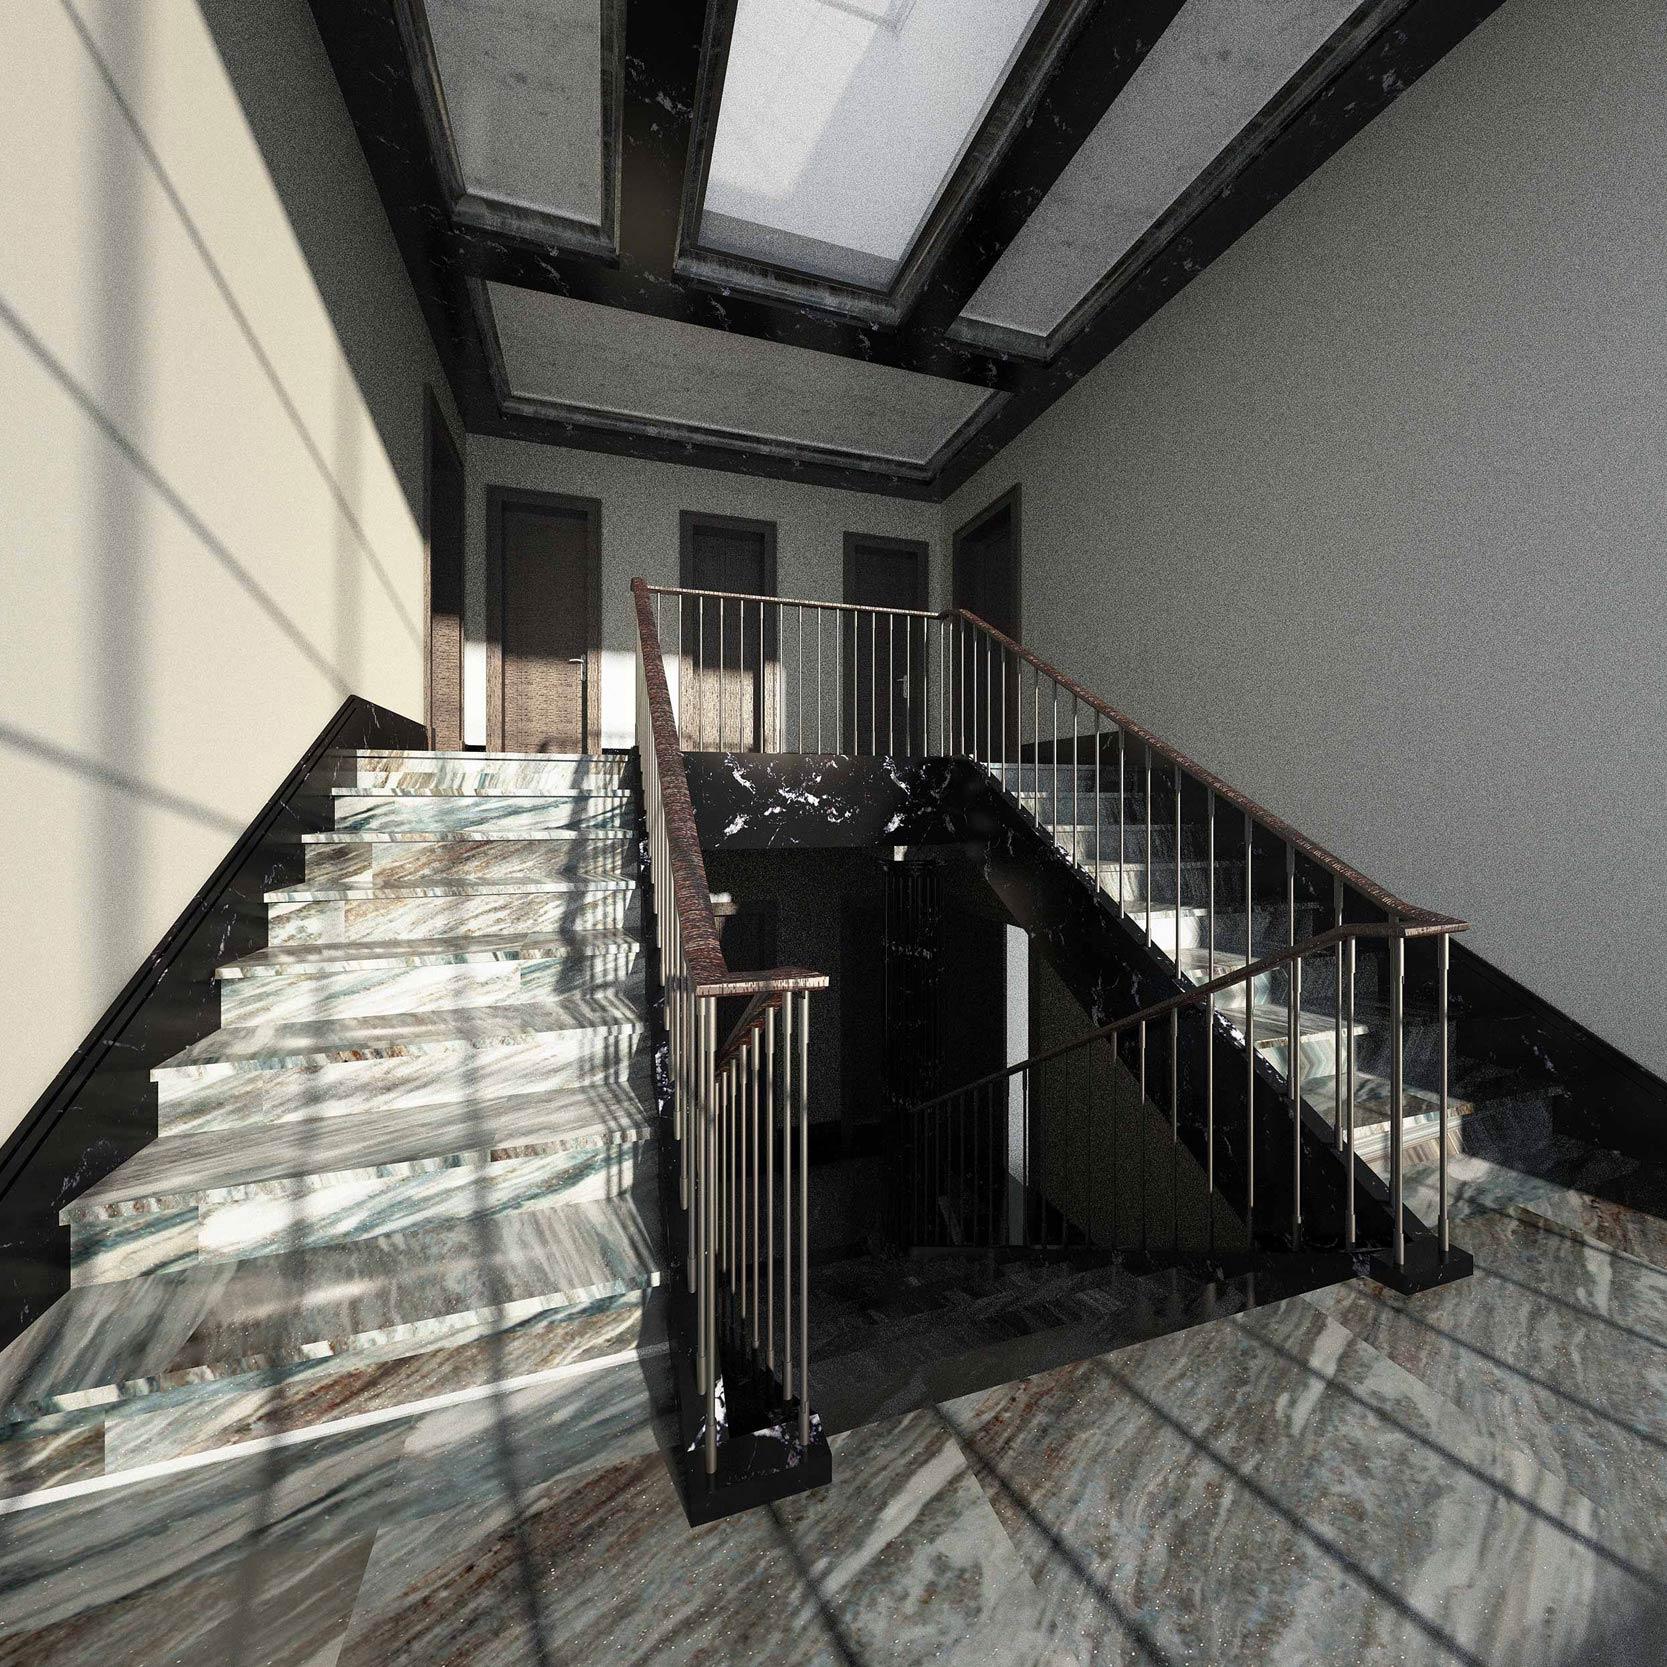 Der Treppenaufgang erhält sein Licht und Ausblick über eine zentrale Dach-Verglasung.